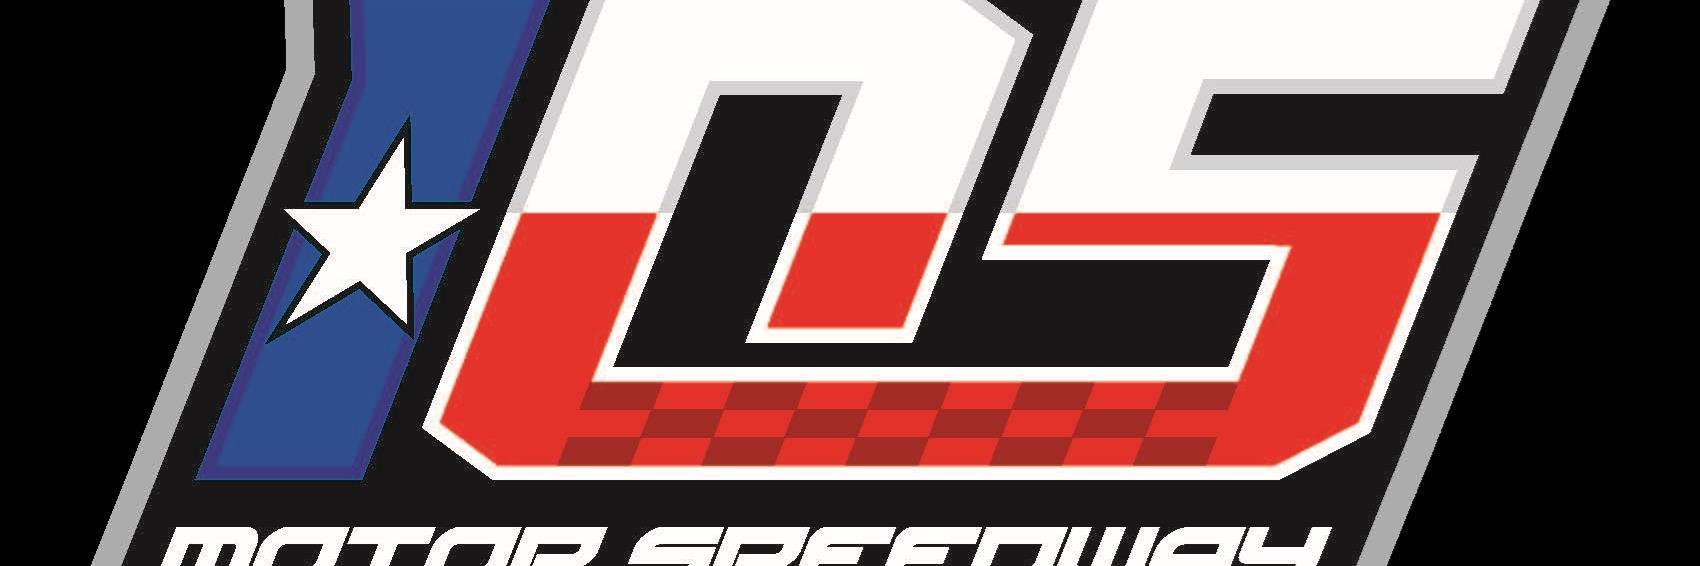 8/7/2021 - 105 Speedway